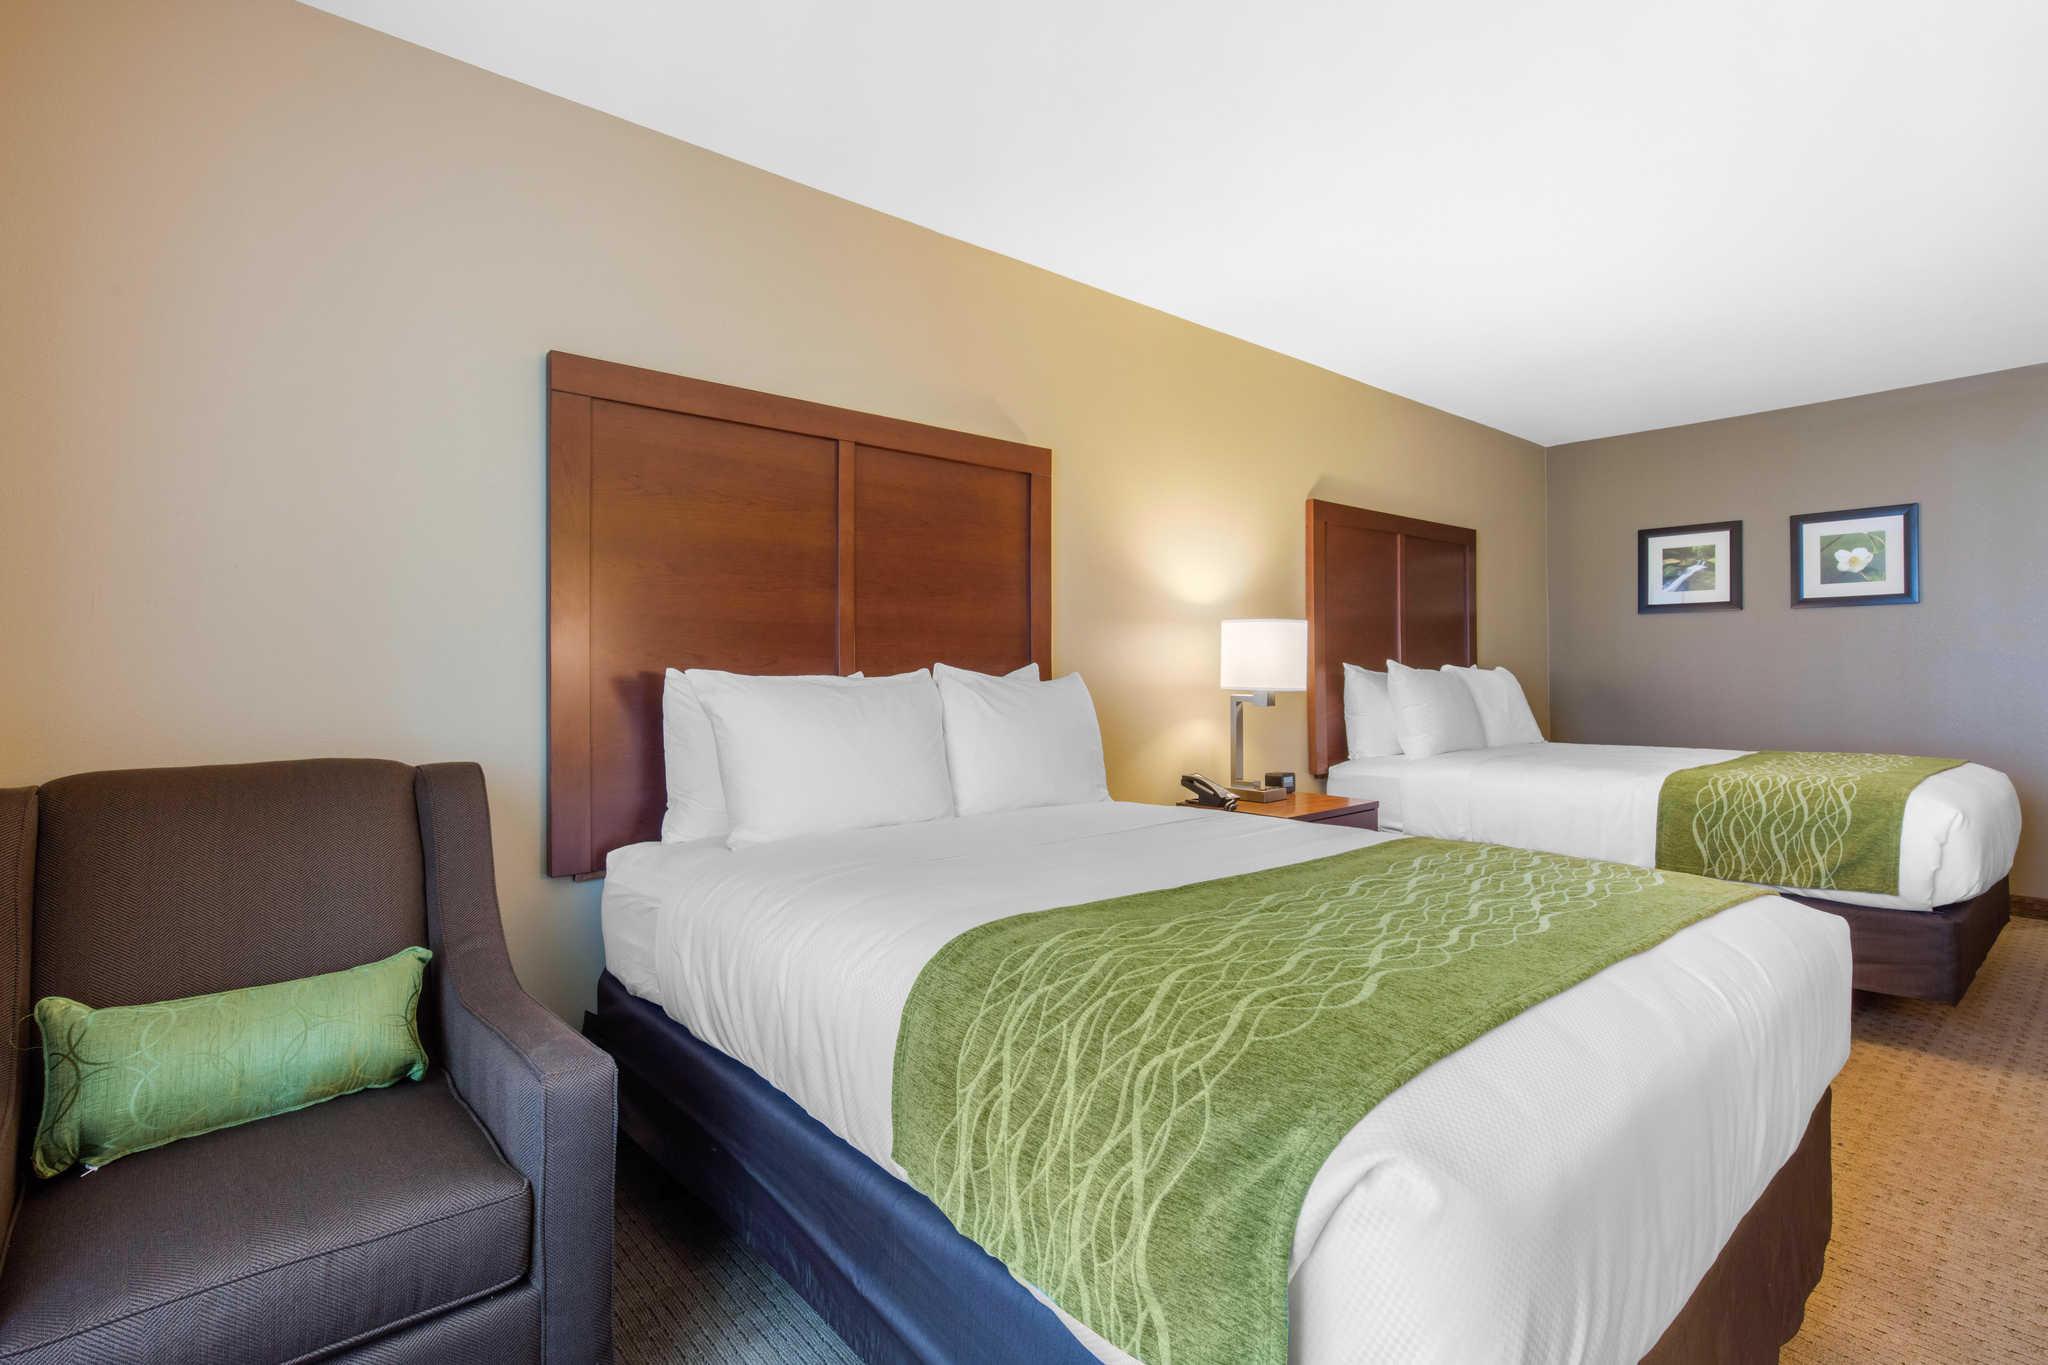 Comfort Inn & Suites At CrossPlex Village